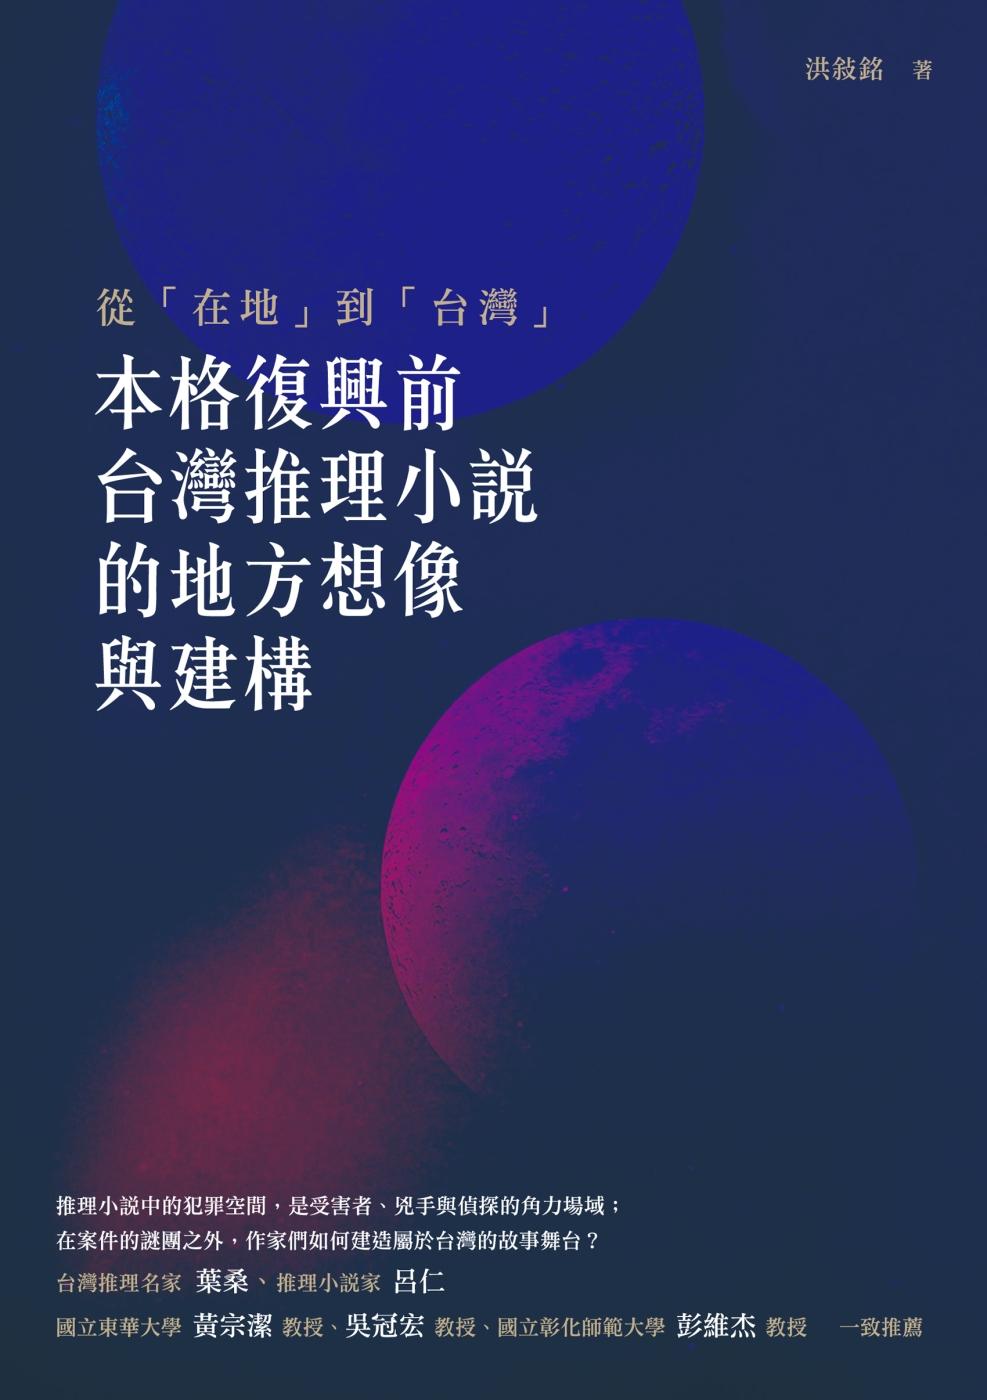 從「在地」到「台灣」:「本格復興」前台灣推理小說的地方想像與建構